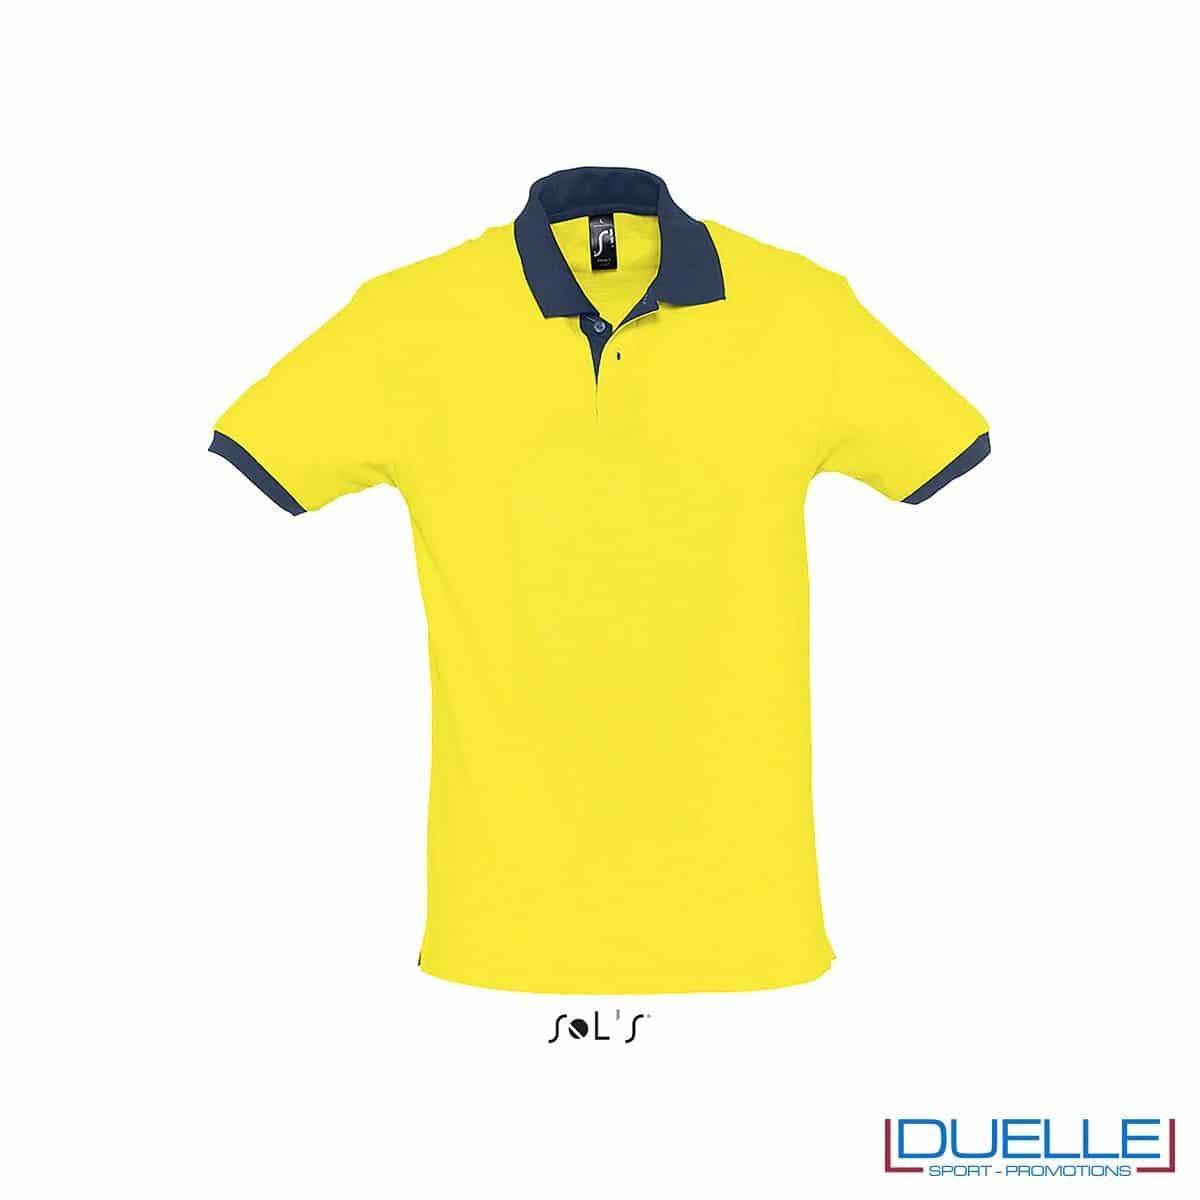 polo personalizzata color giallo con finiture a contrasto, abbigliamento promozionale personalizzato